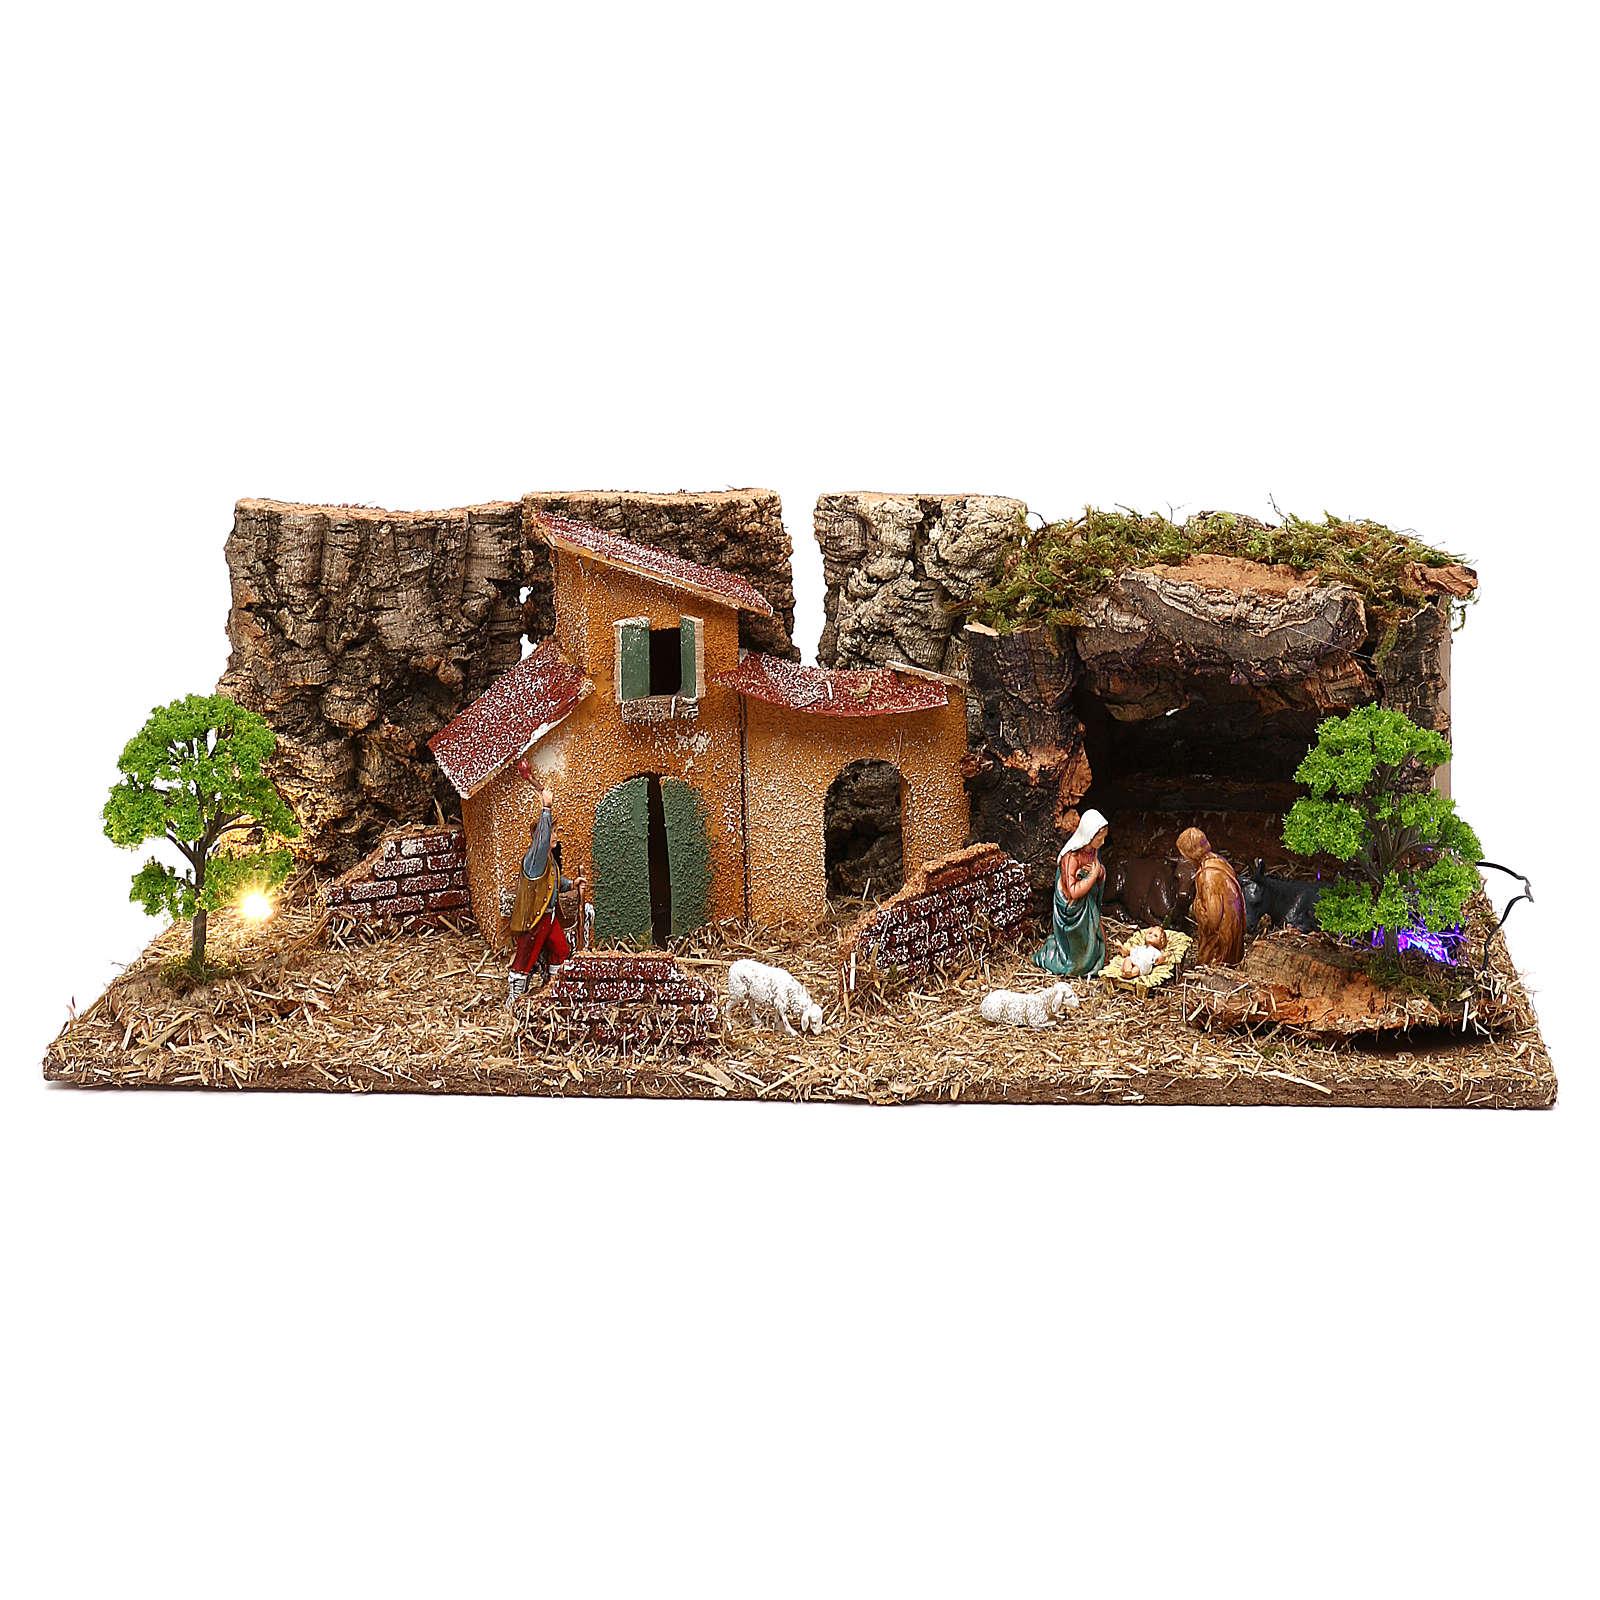 Grotta con casette e natività presepe 7 cm 4